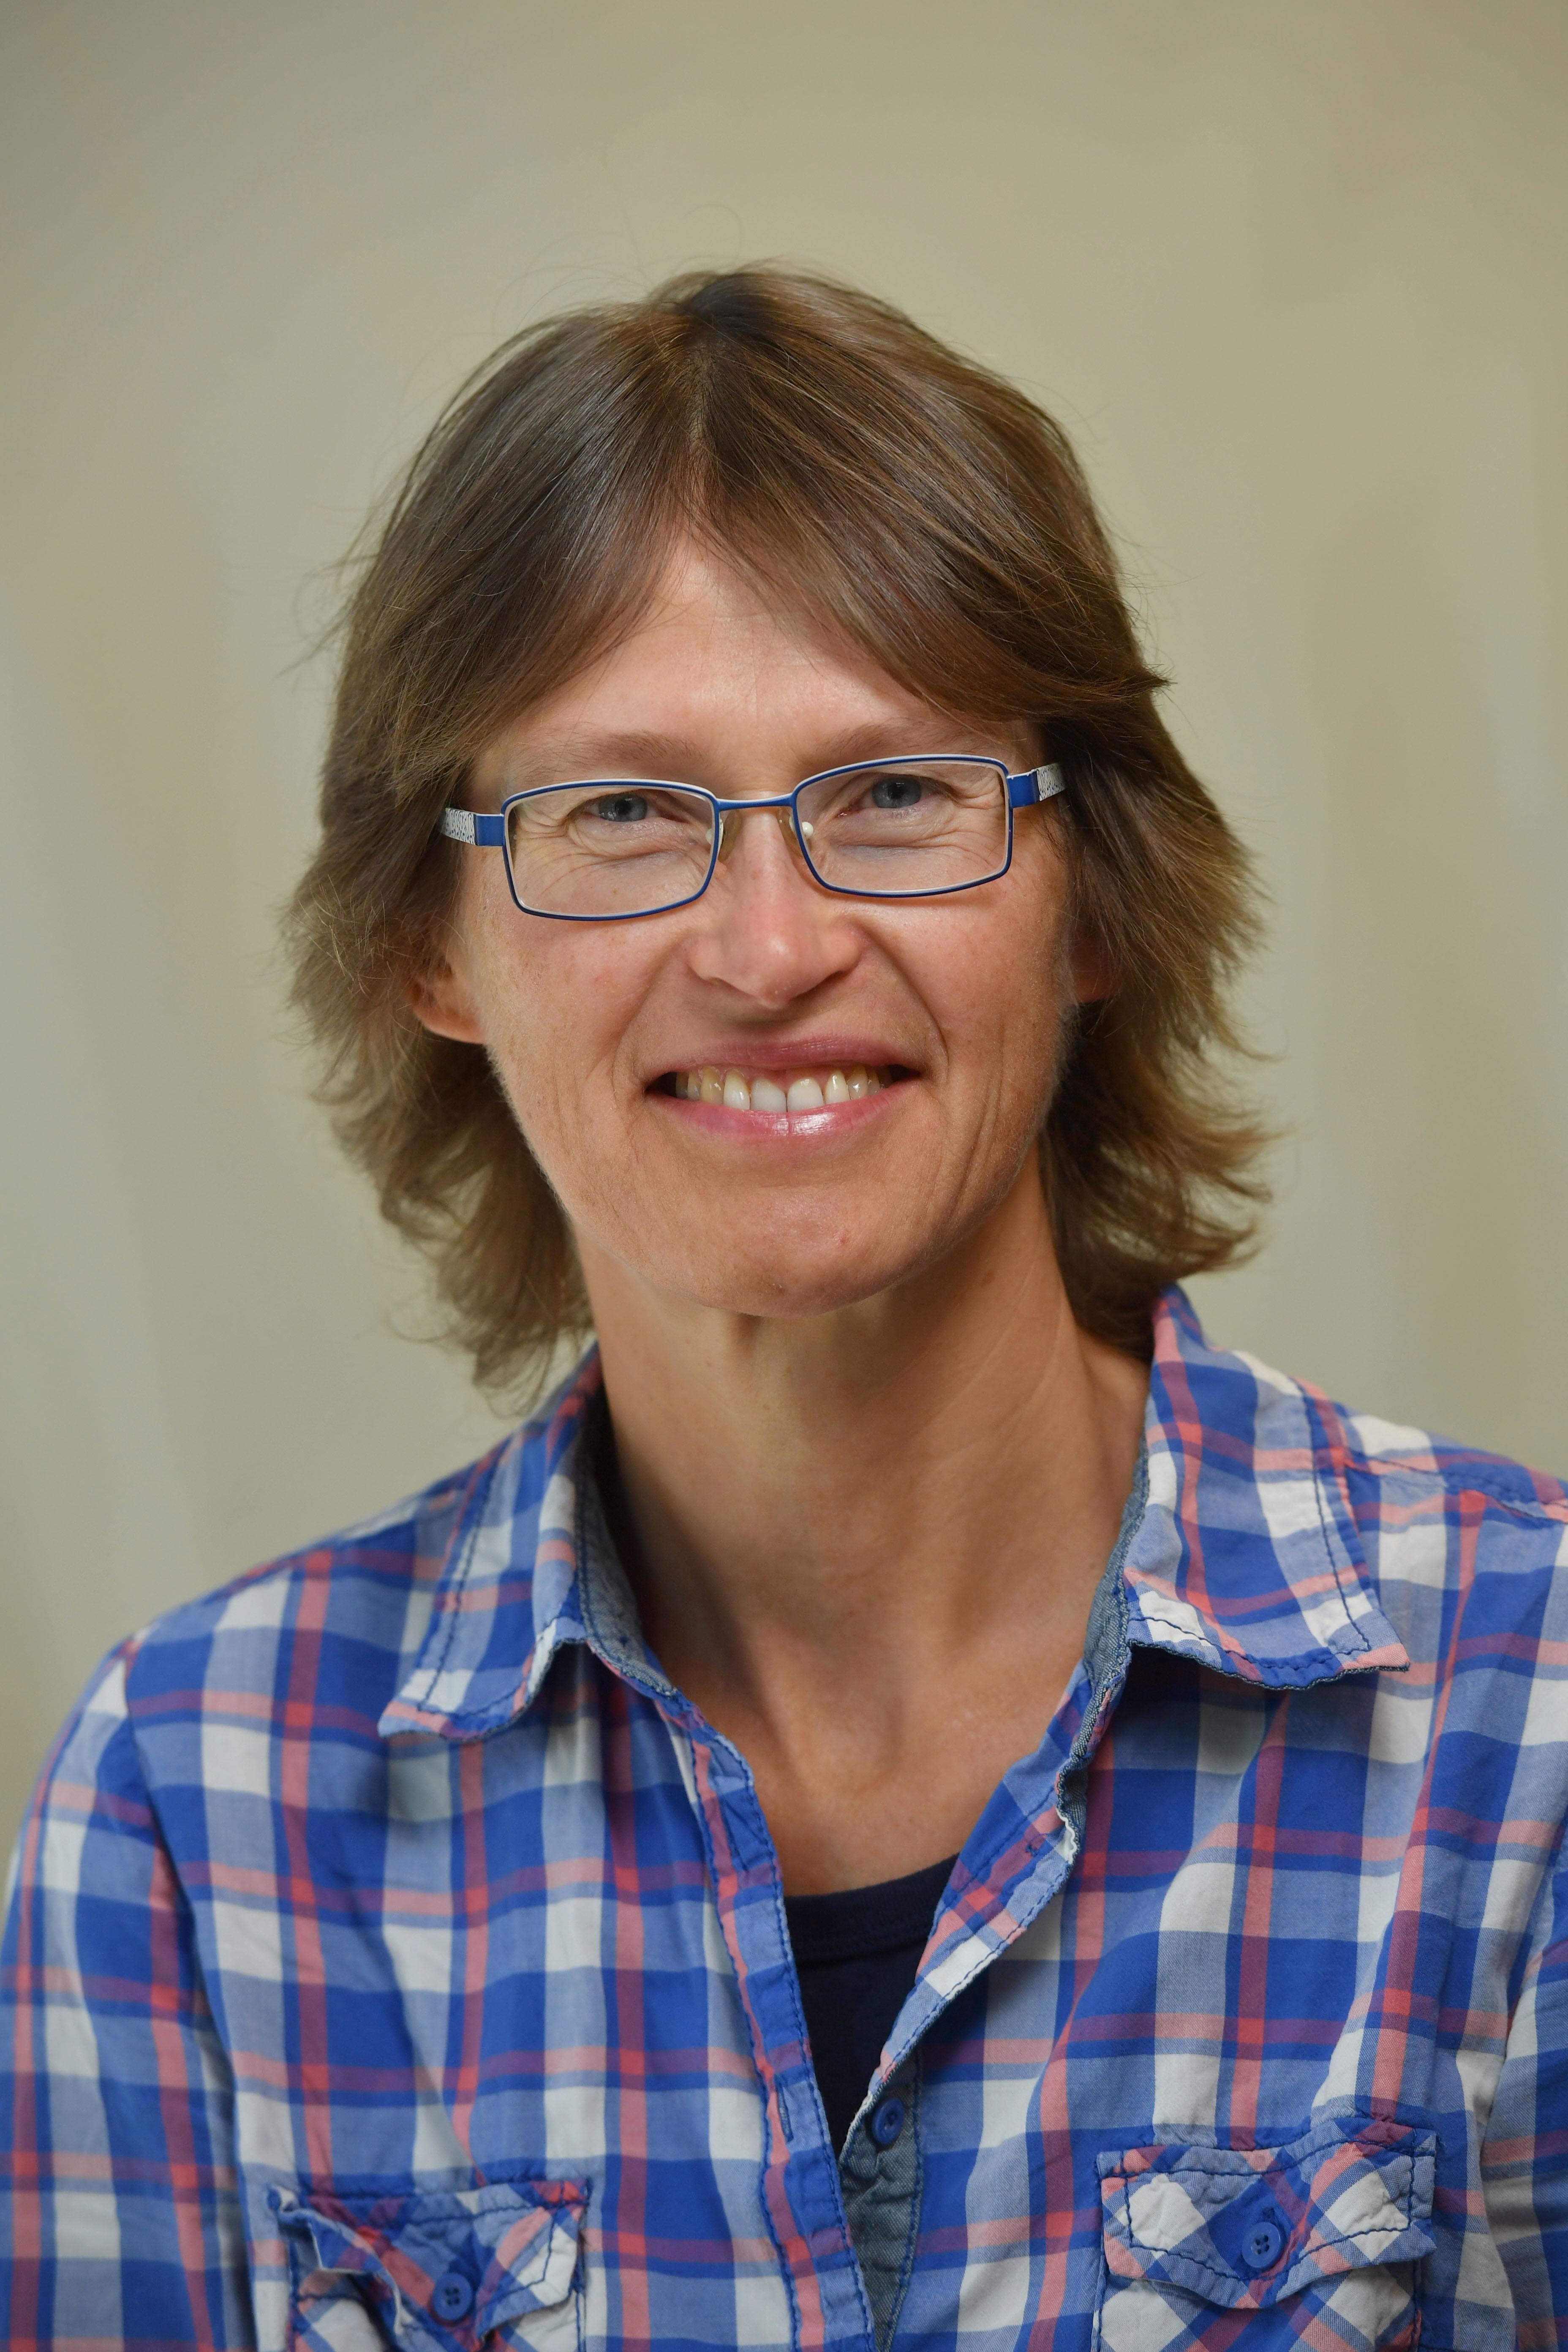 Professor Heike Ebendorff-Heidepriem